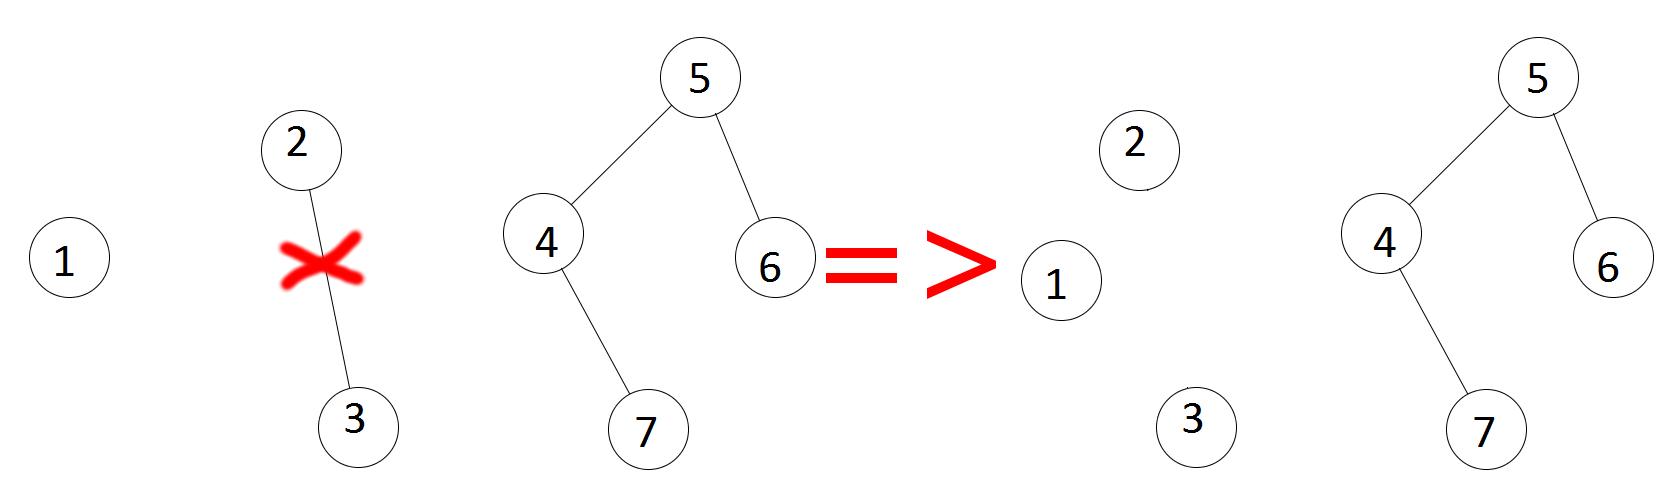 Un exemplu pentru a intelege mai bine notiunea de graf partial